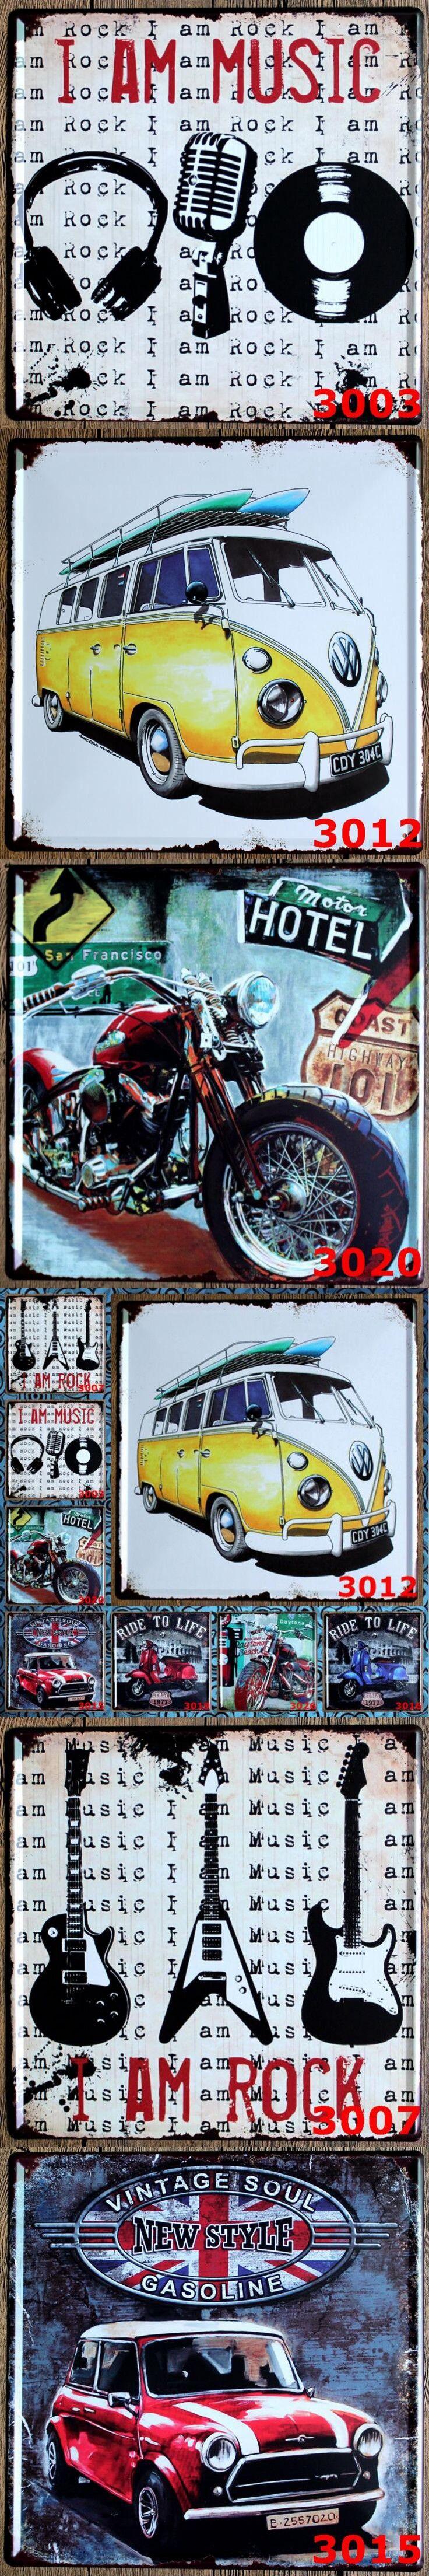 3PCS/lot Wholesale 30*30CM Retro Bus Tin Signs Iron Plaque Vintage Home Decor Bar Decoration $29.5